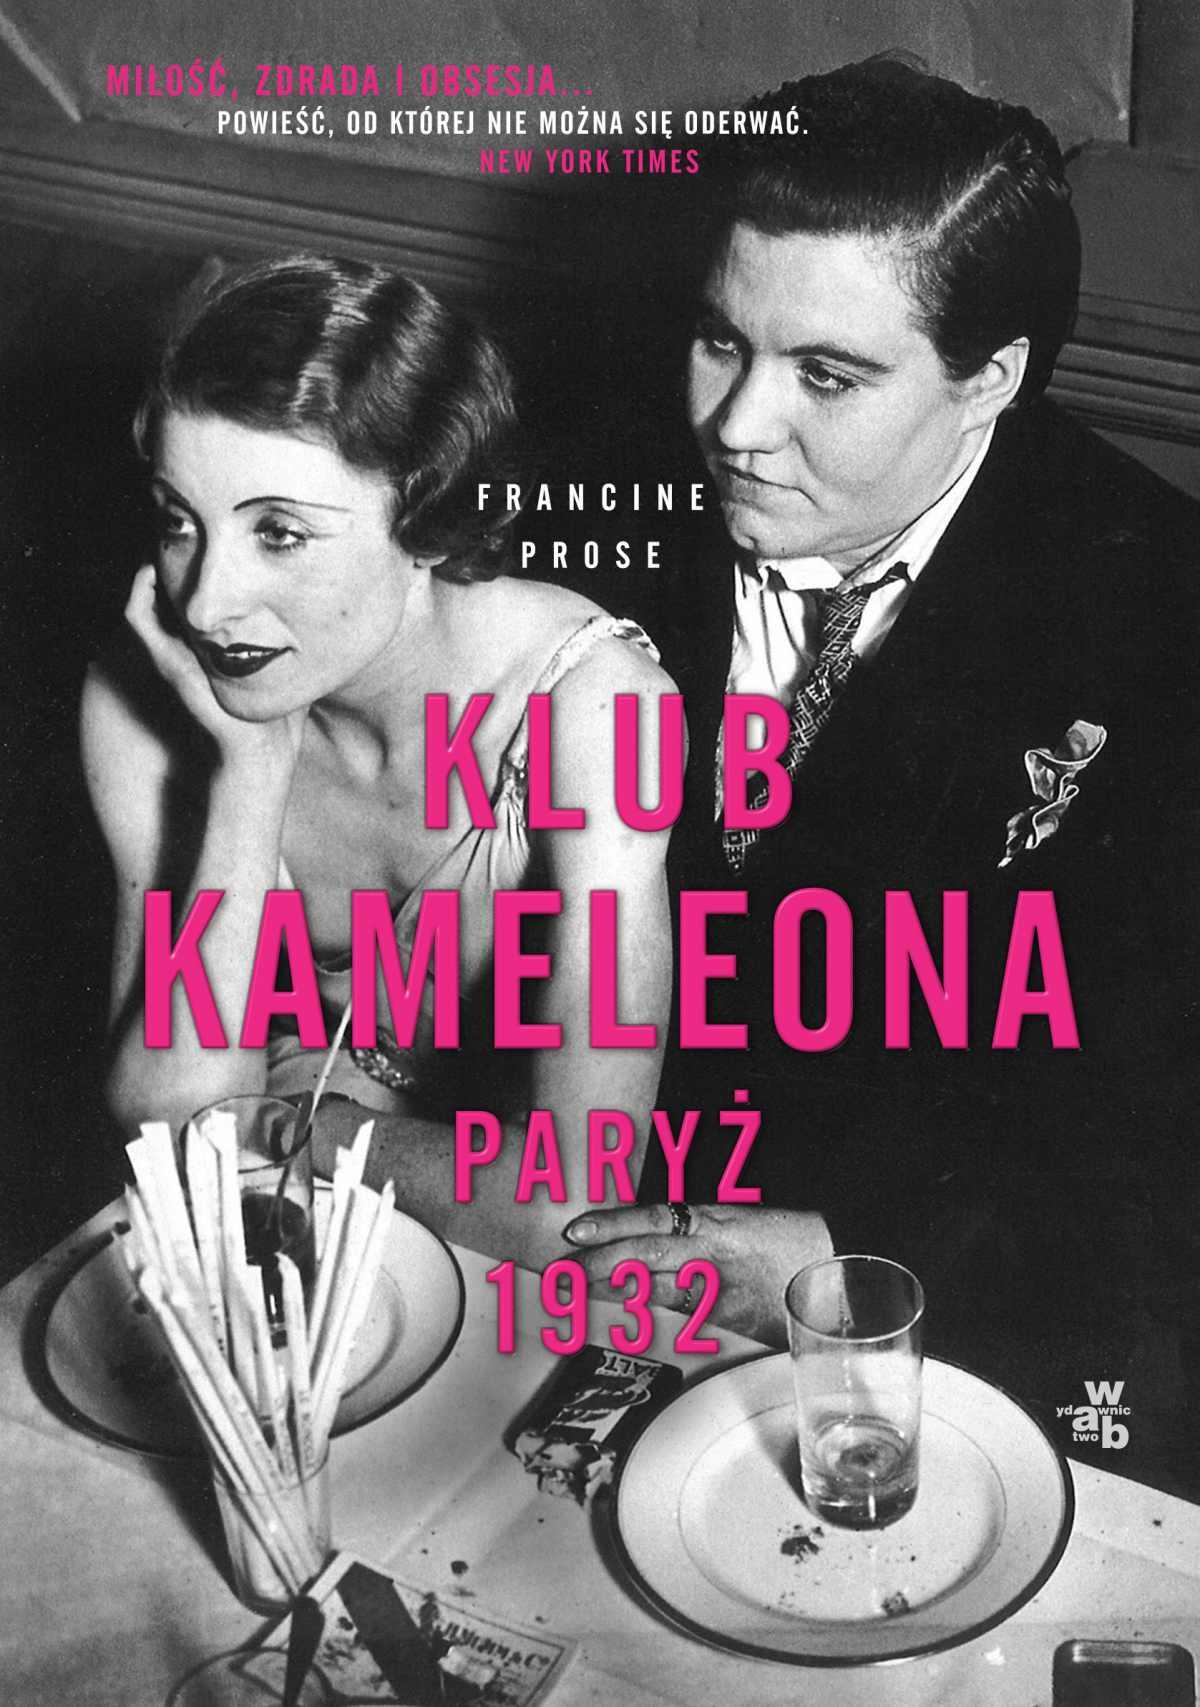 Klub Kameleona, Paryż 1932 - Ebook (Książka EPUB) do pobrania w formacie EPUB